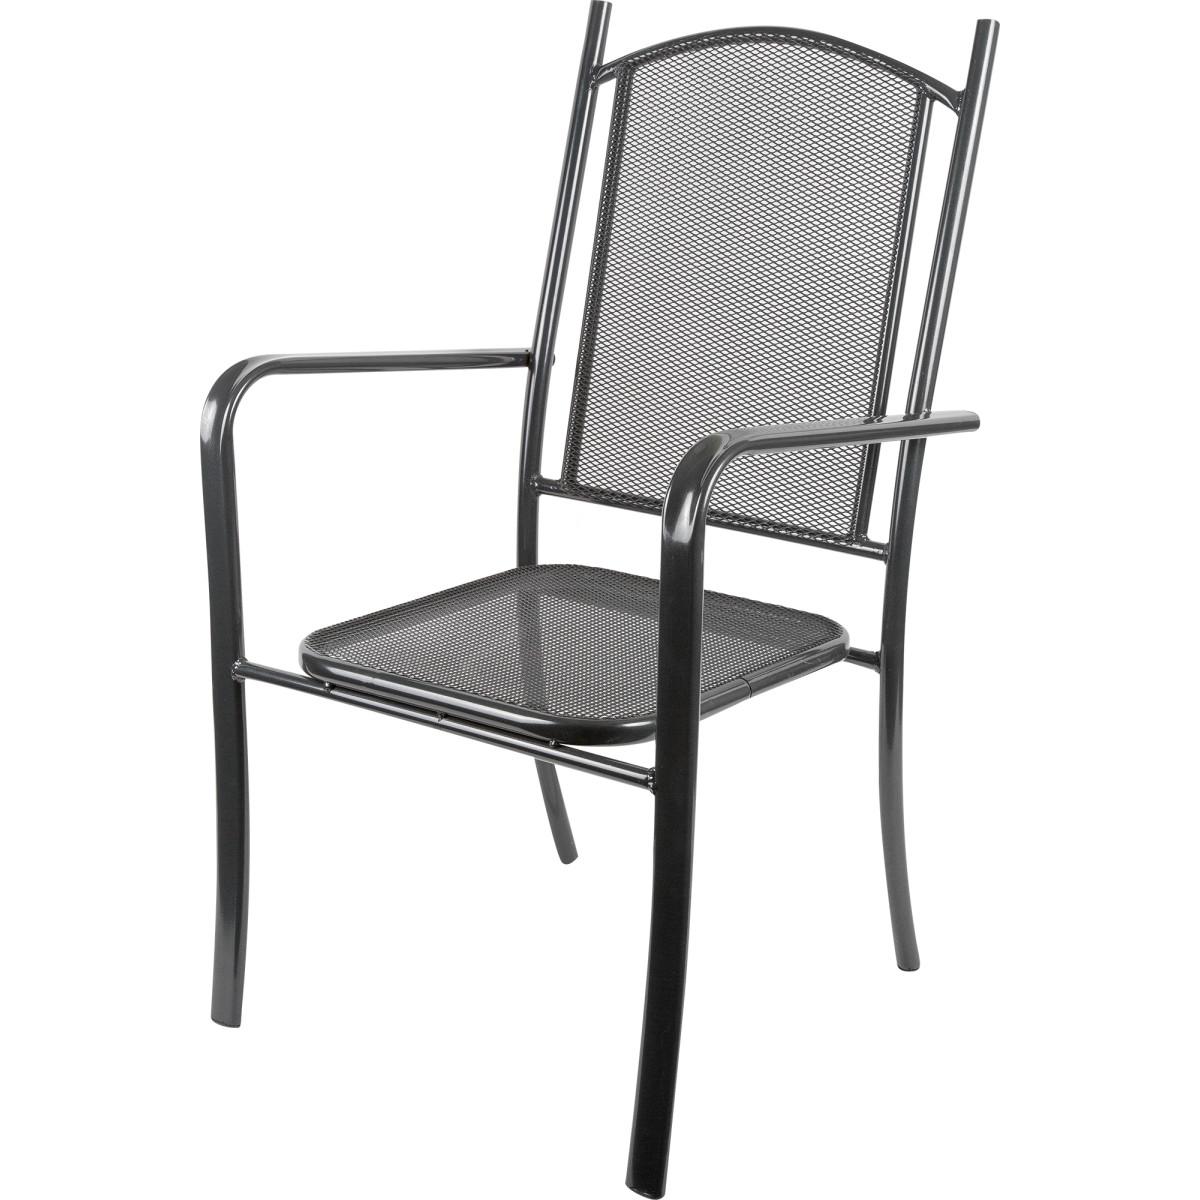 Кресло Садовое Ницца 65Х57Х100 Металл Черный/Бежевый